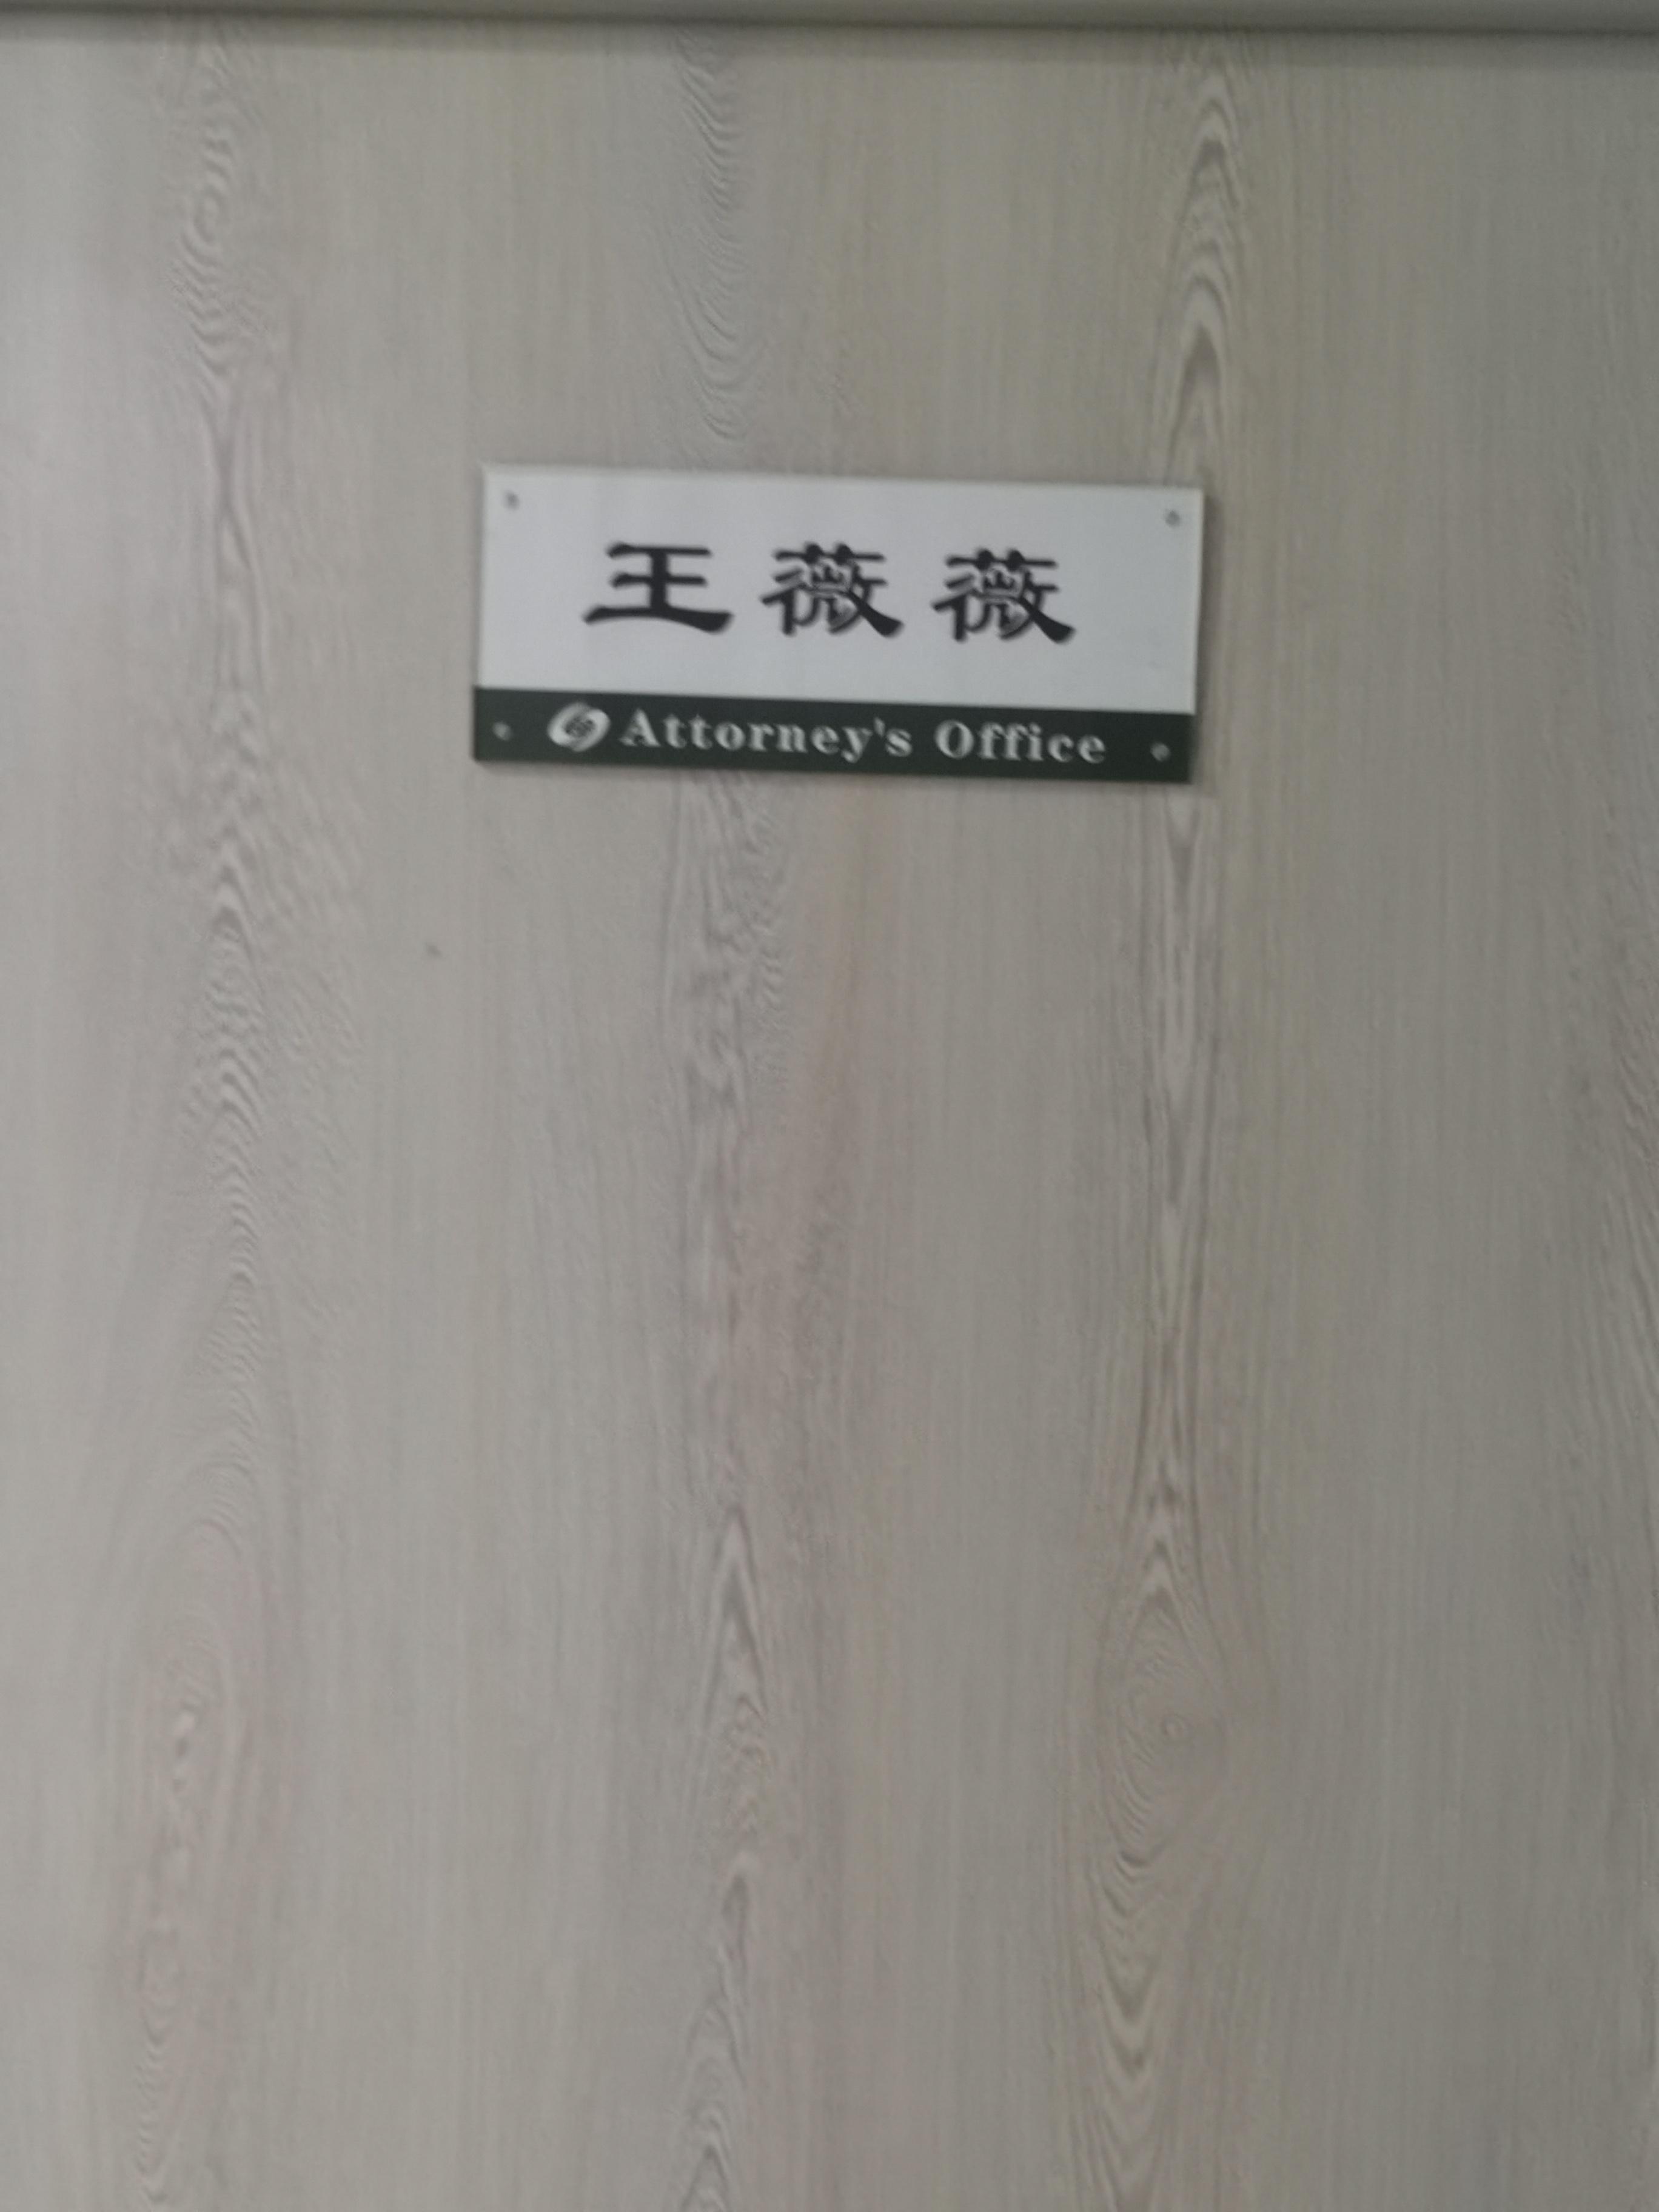 王薇薇律师办公室